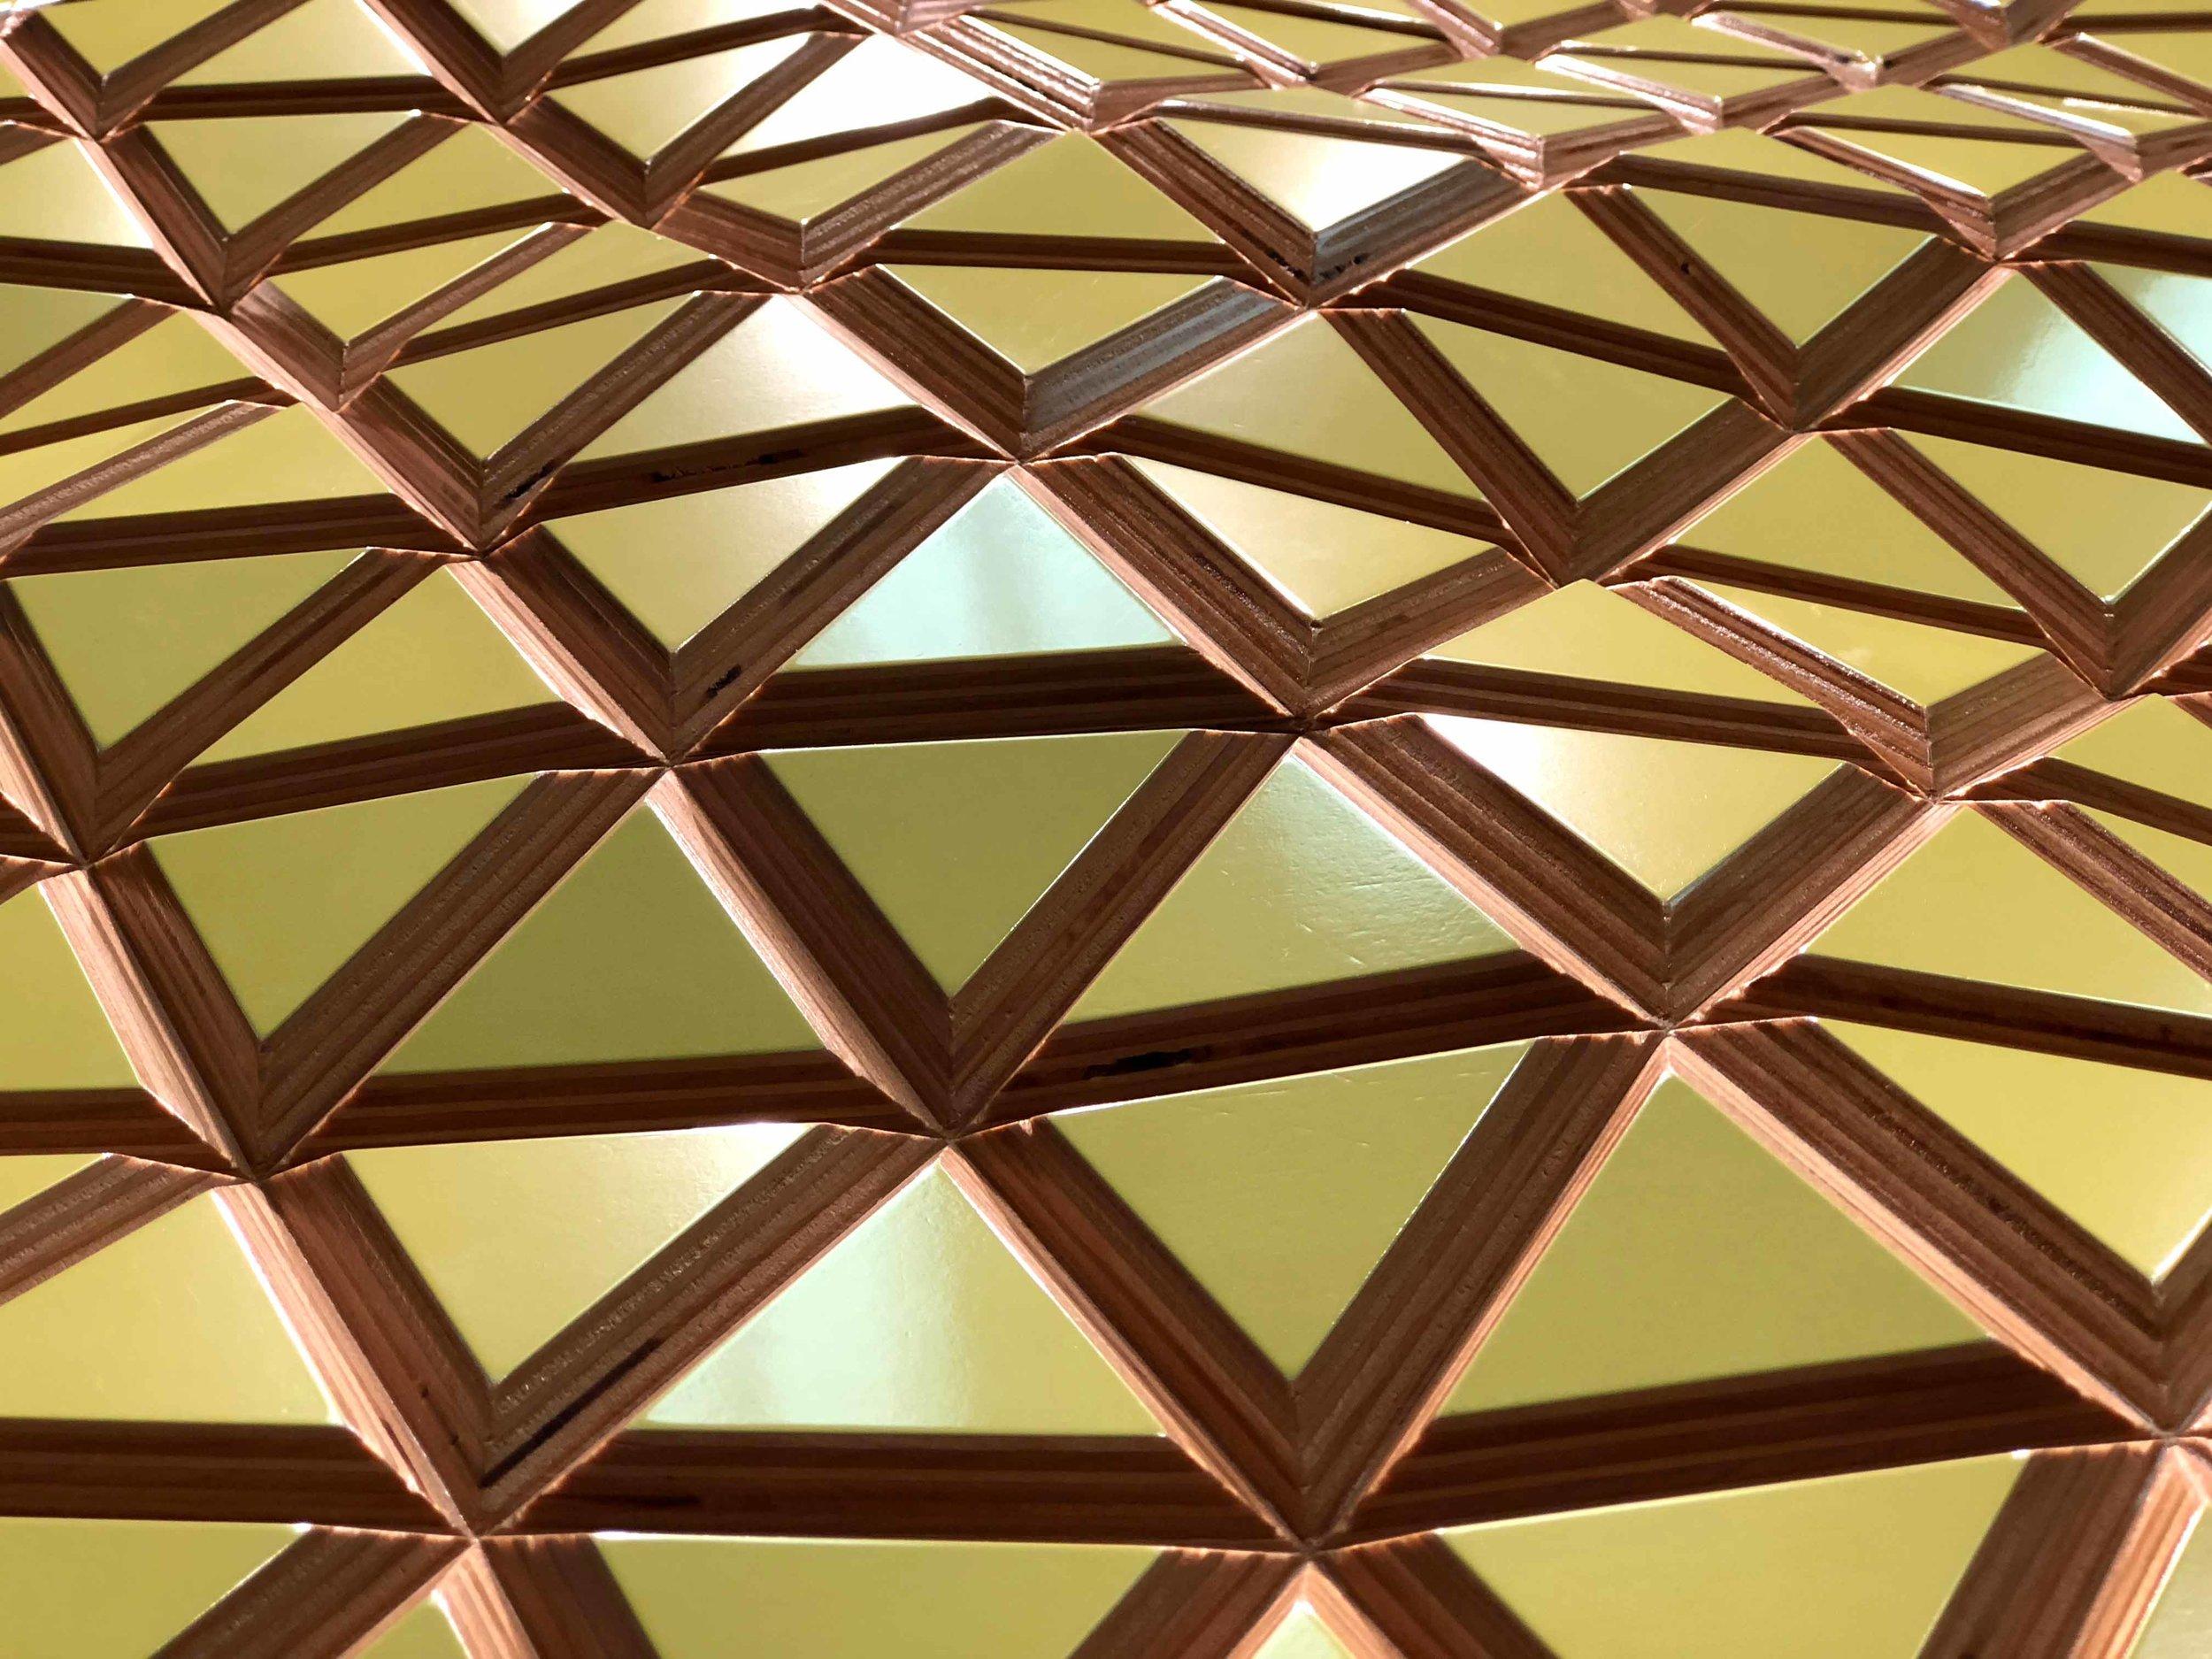 HGU_Honeycomb-Conjecture_57x59in_144x150cm_D1.jpg